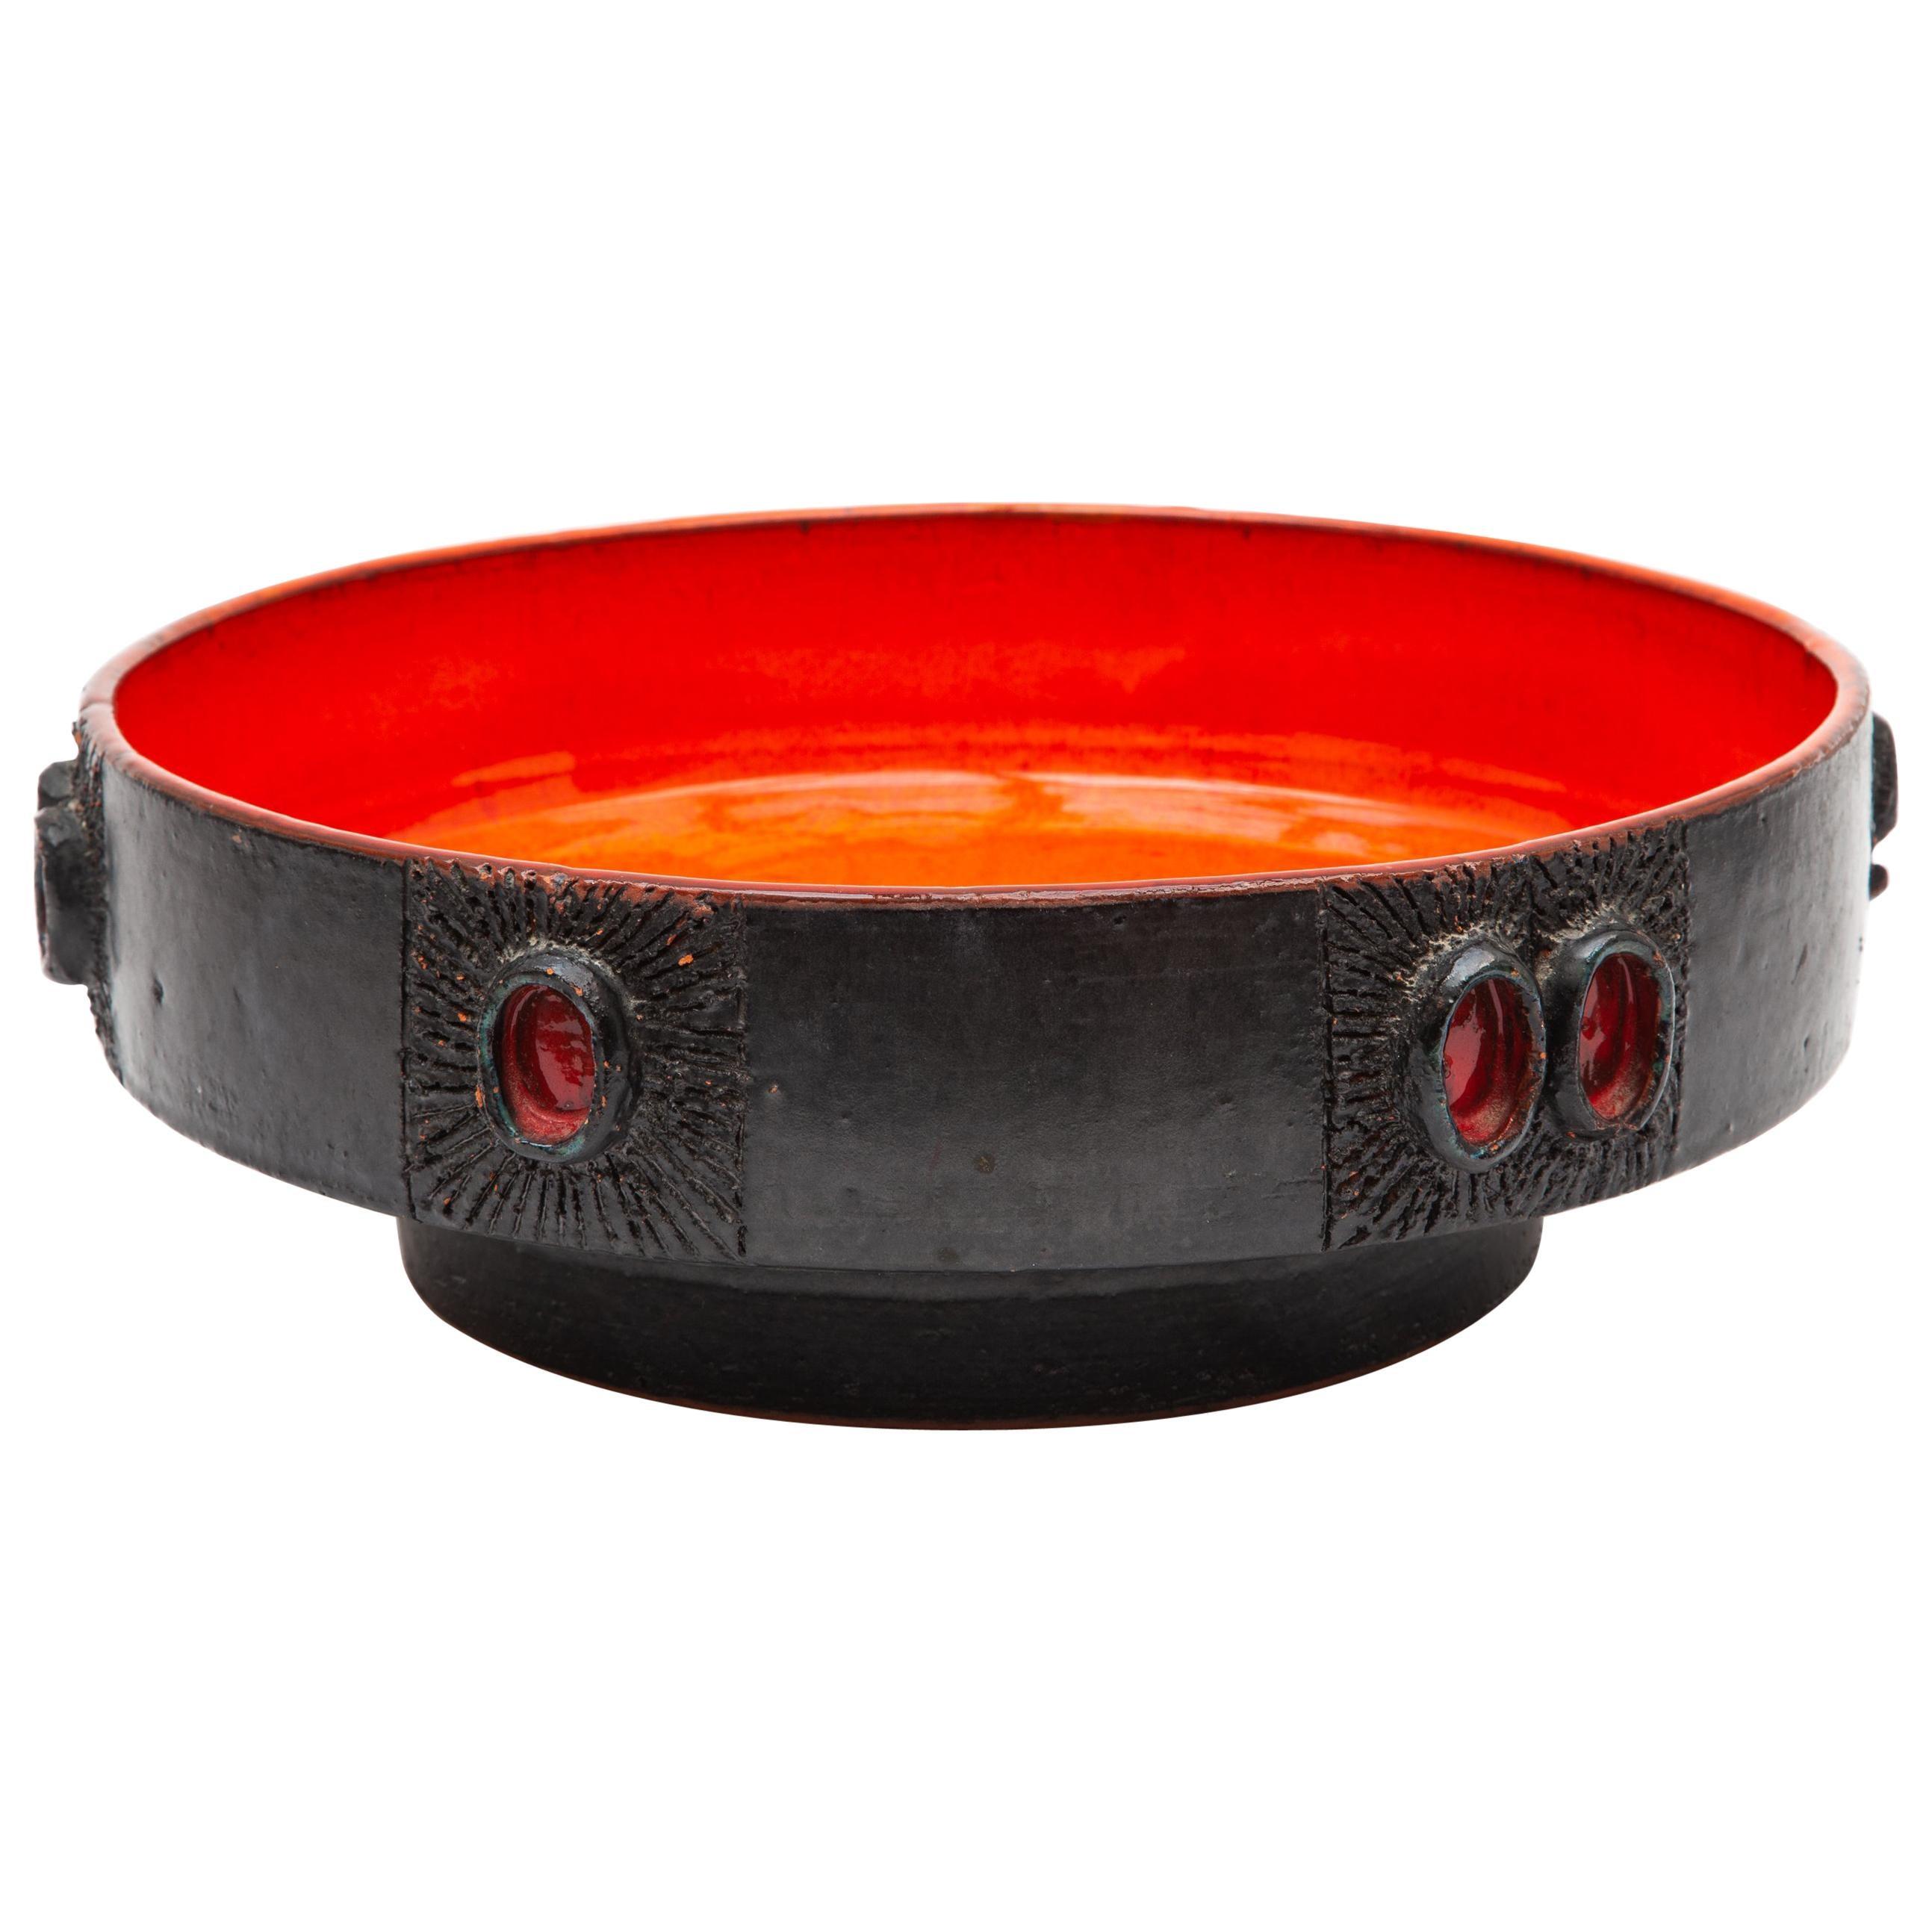 Vintage Amphora Red Glazed Ceramic Bowl Designed by Rogier Vandeweghe, 1960s